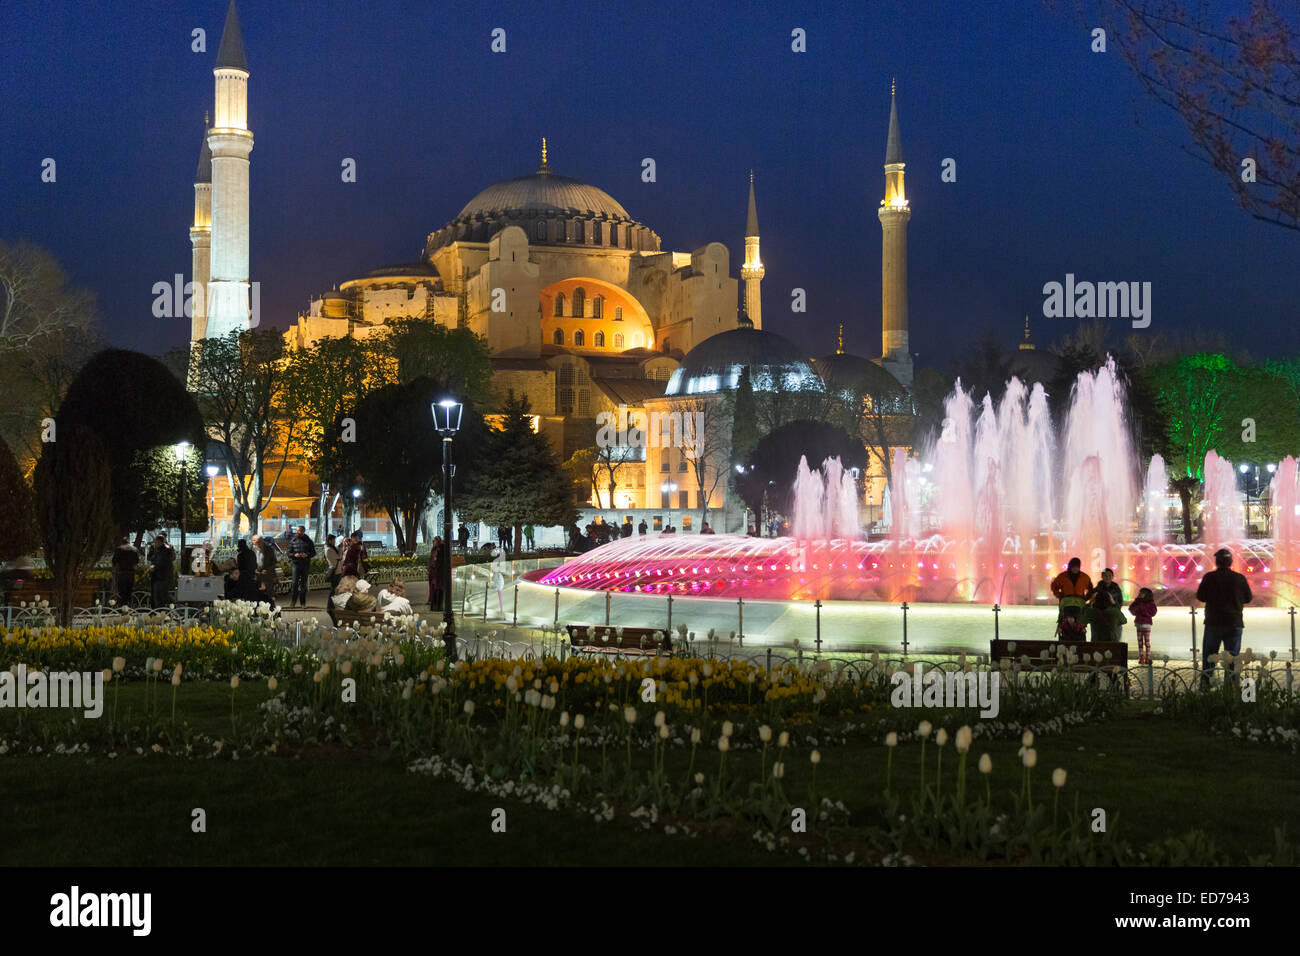 Museo Hagia Sophia mezquita musulmana y Atmeydani Hipódromo fuente iluminada de noche, Estambul, Turquía Imagen De Stock